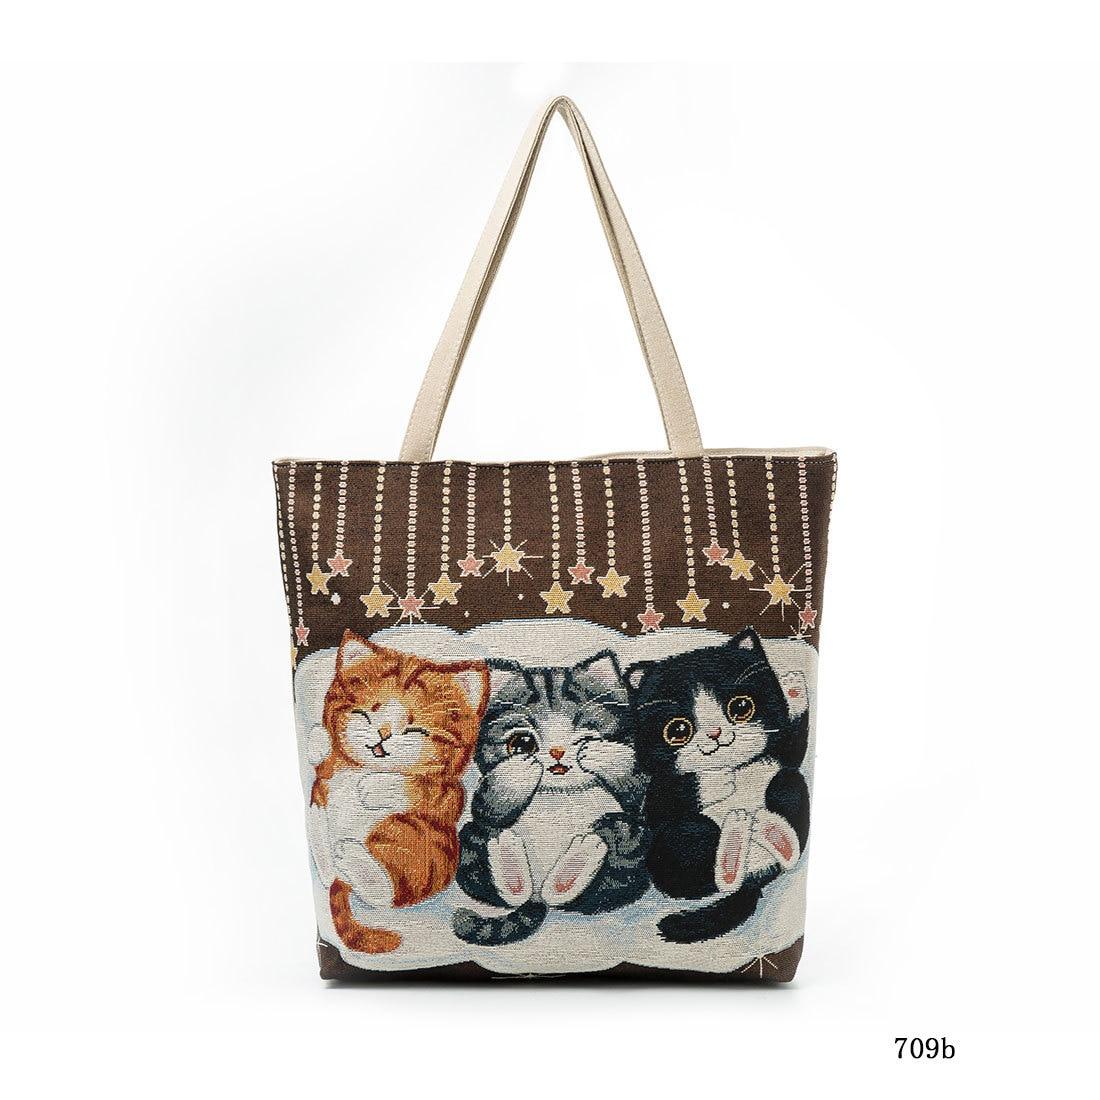 Bolso de mujer con bordado de gato Toth Adorable bolso de hombro para Gato